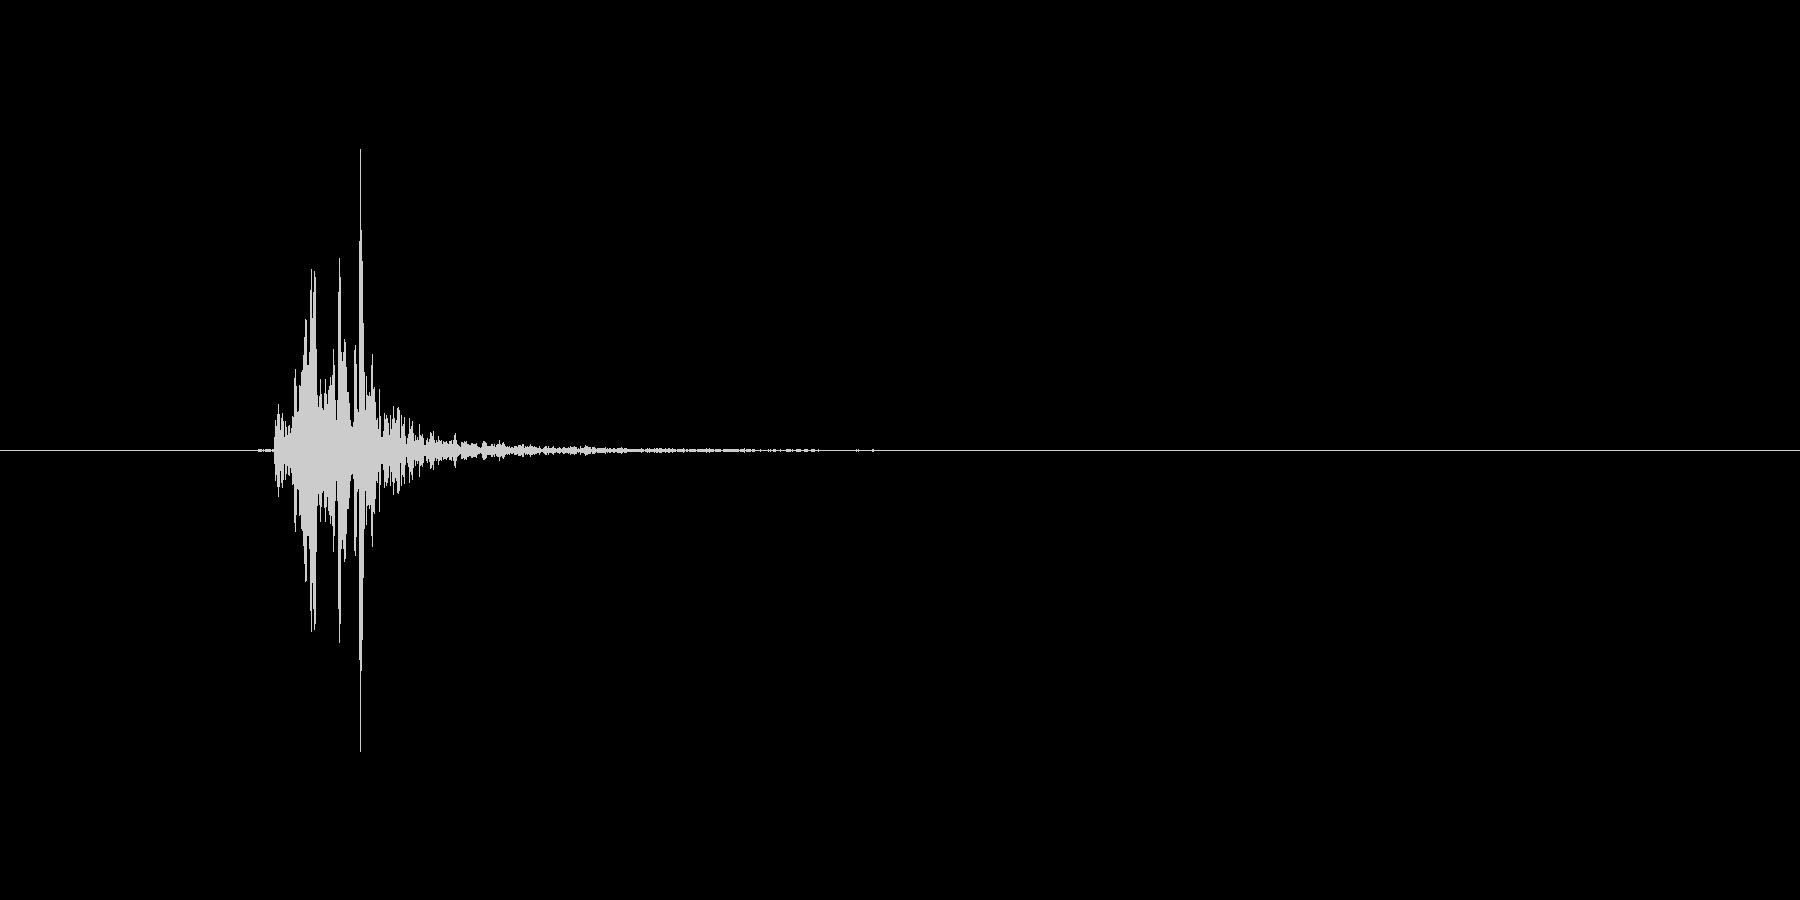 リップ、キス音(コミカル)の未再生の波形